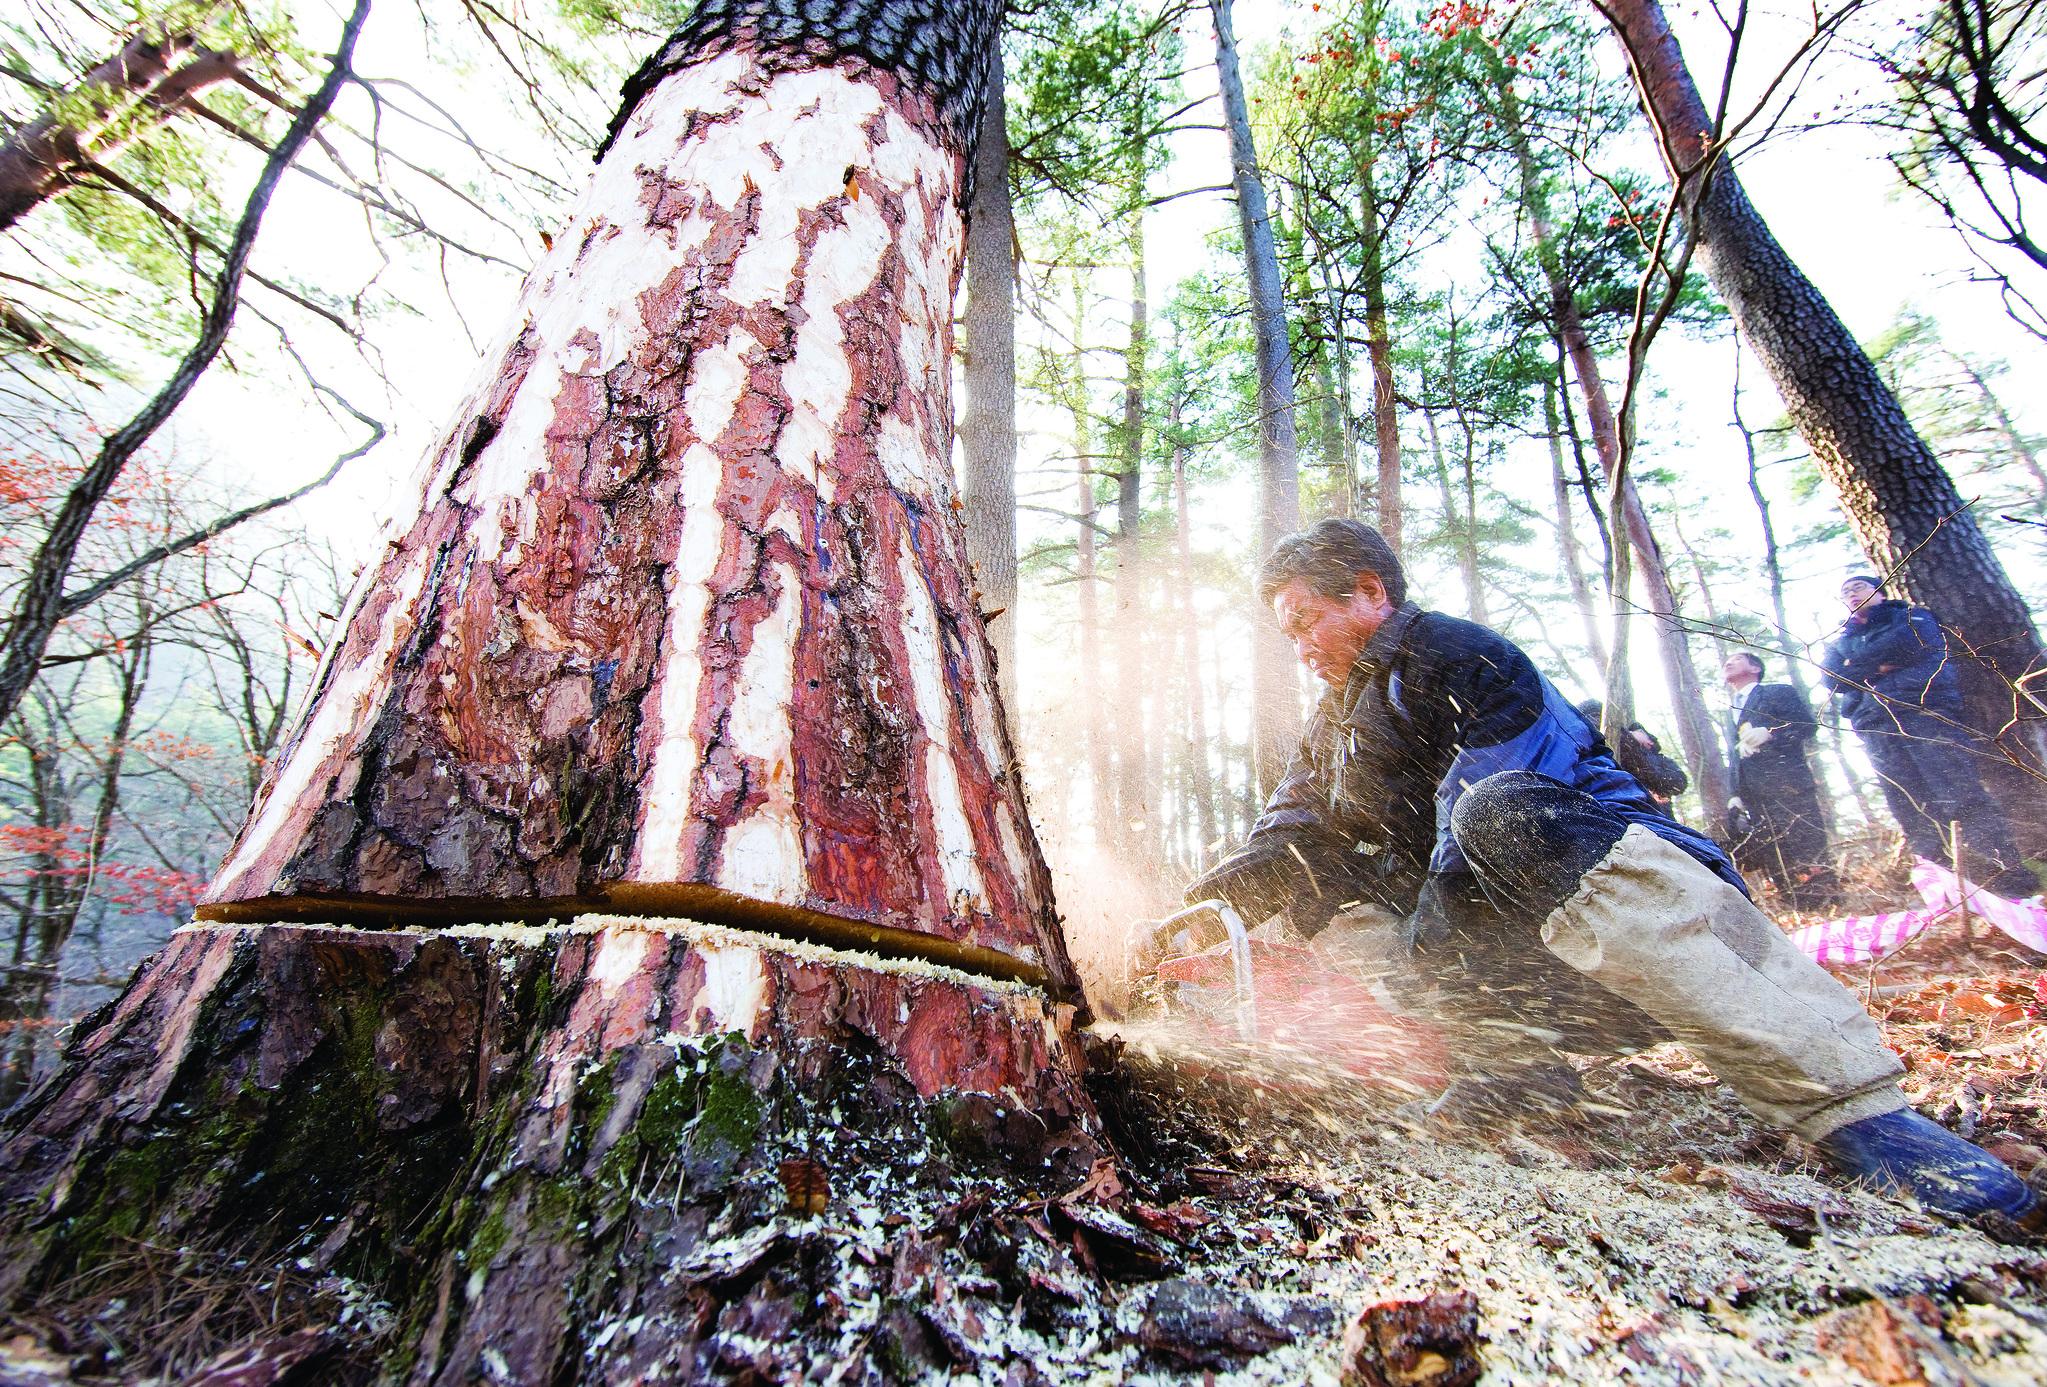 2008년 12월 10일 강원도 삼척시 황장산 자락에 110살짜리 적송이 잘리고 있는 모습. 숭례문 복원에 사용된다. [중앙포토]